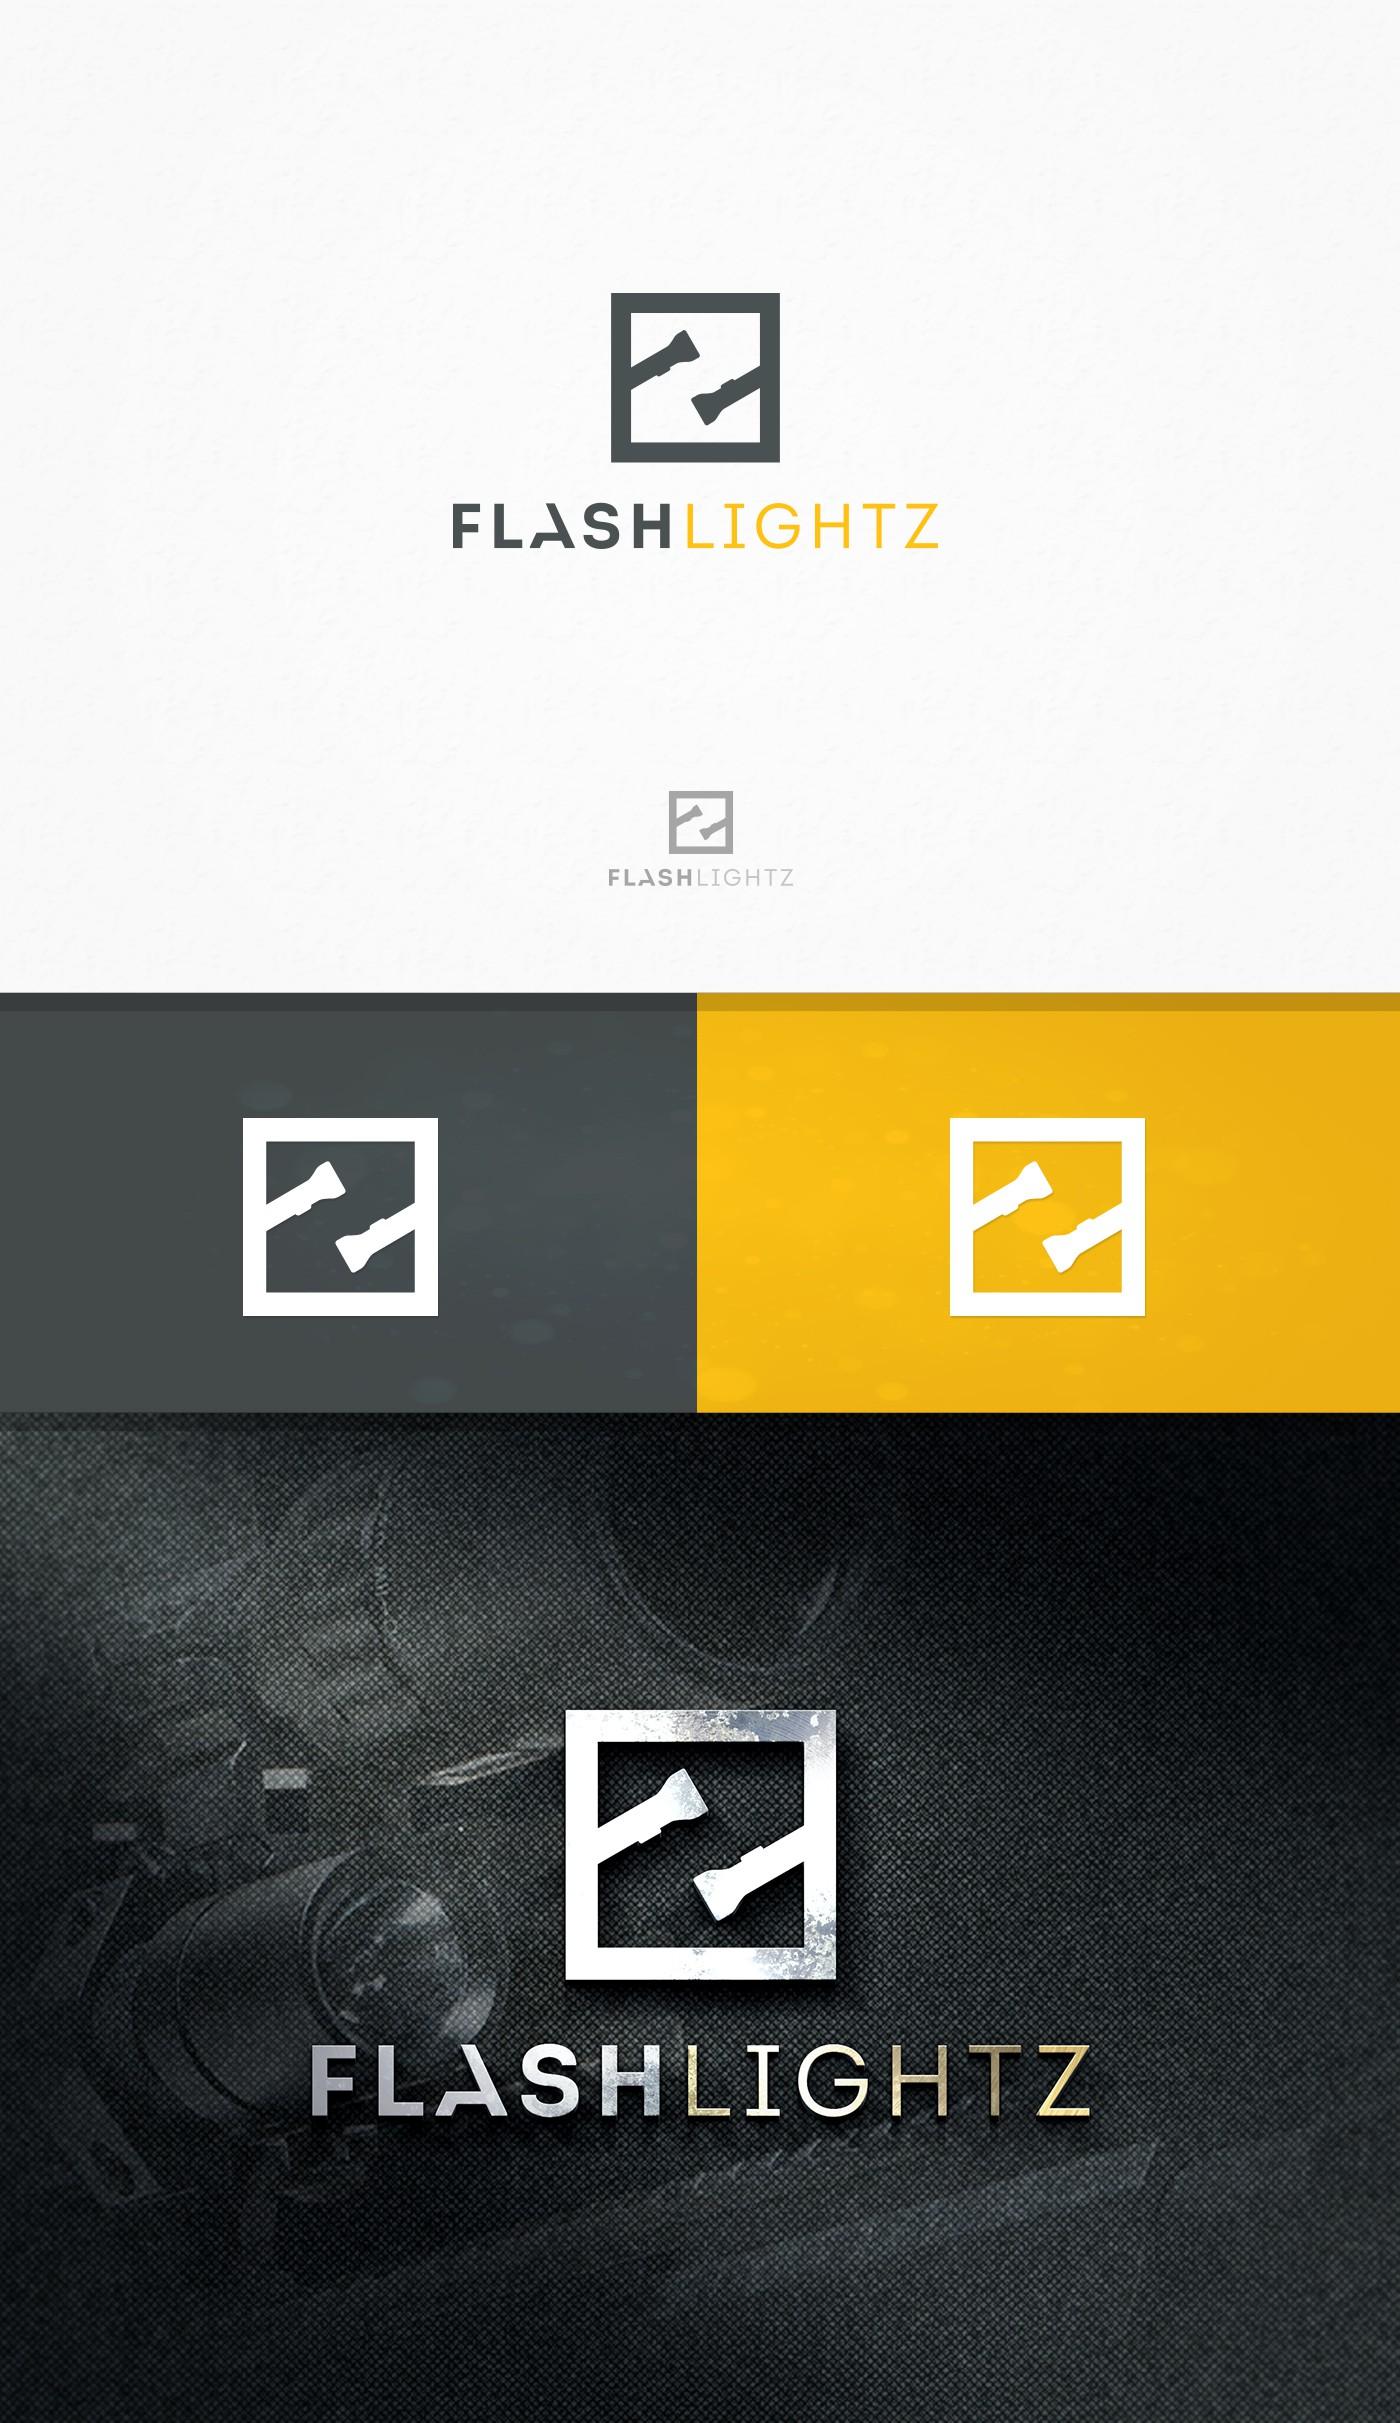 Creating a logo for Flashlightz.com